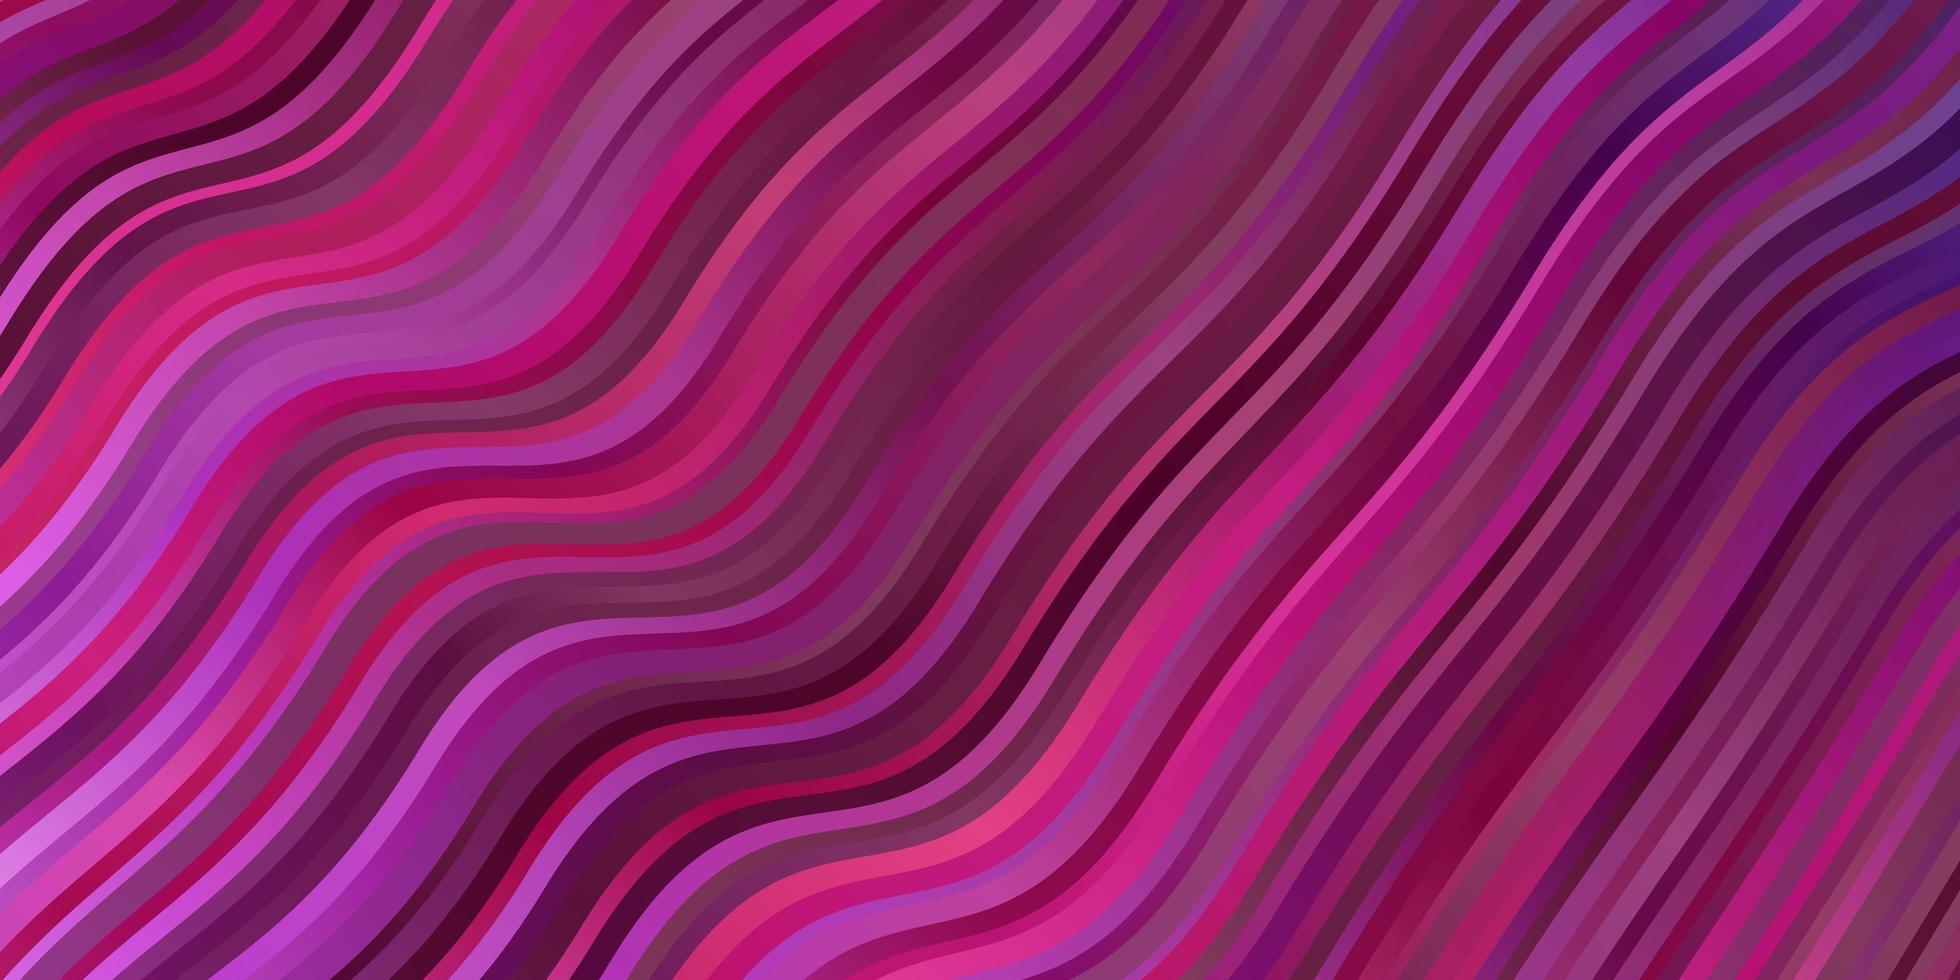 donkerpaars, roze vector achtergrond met curven.